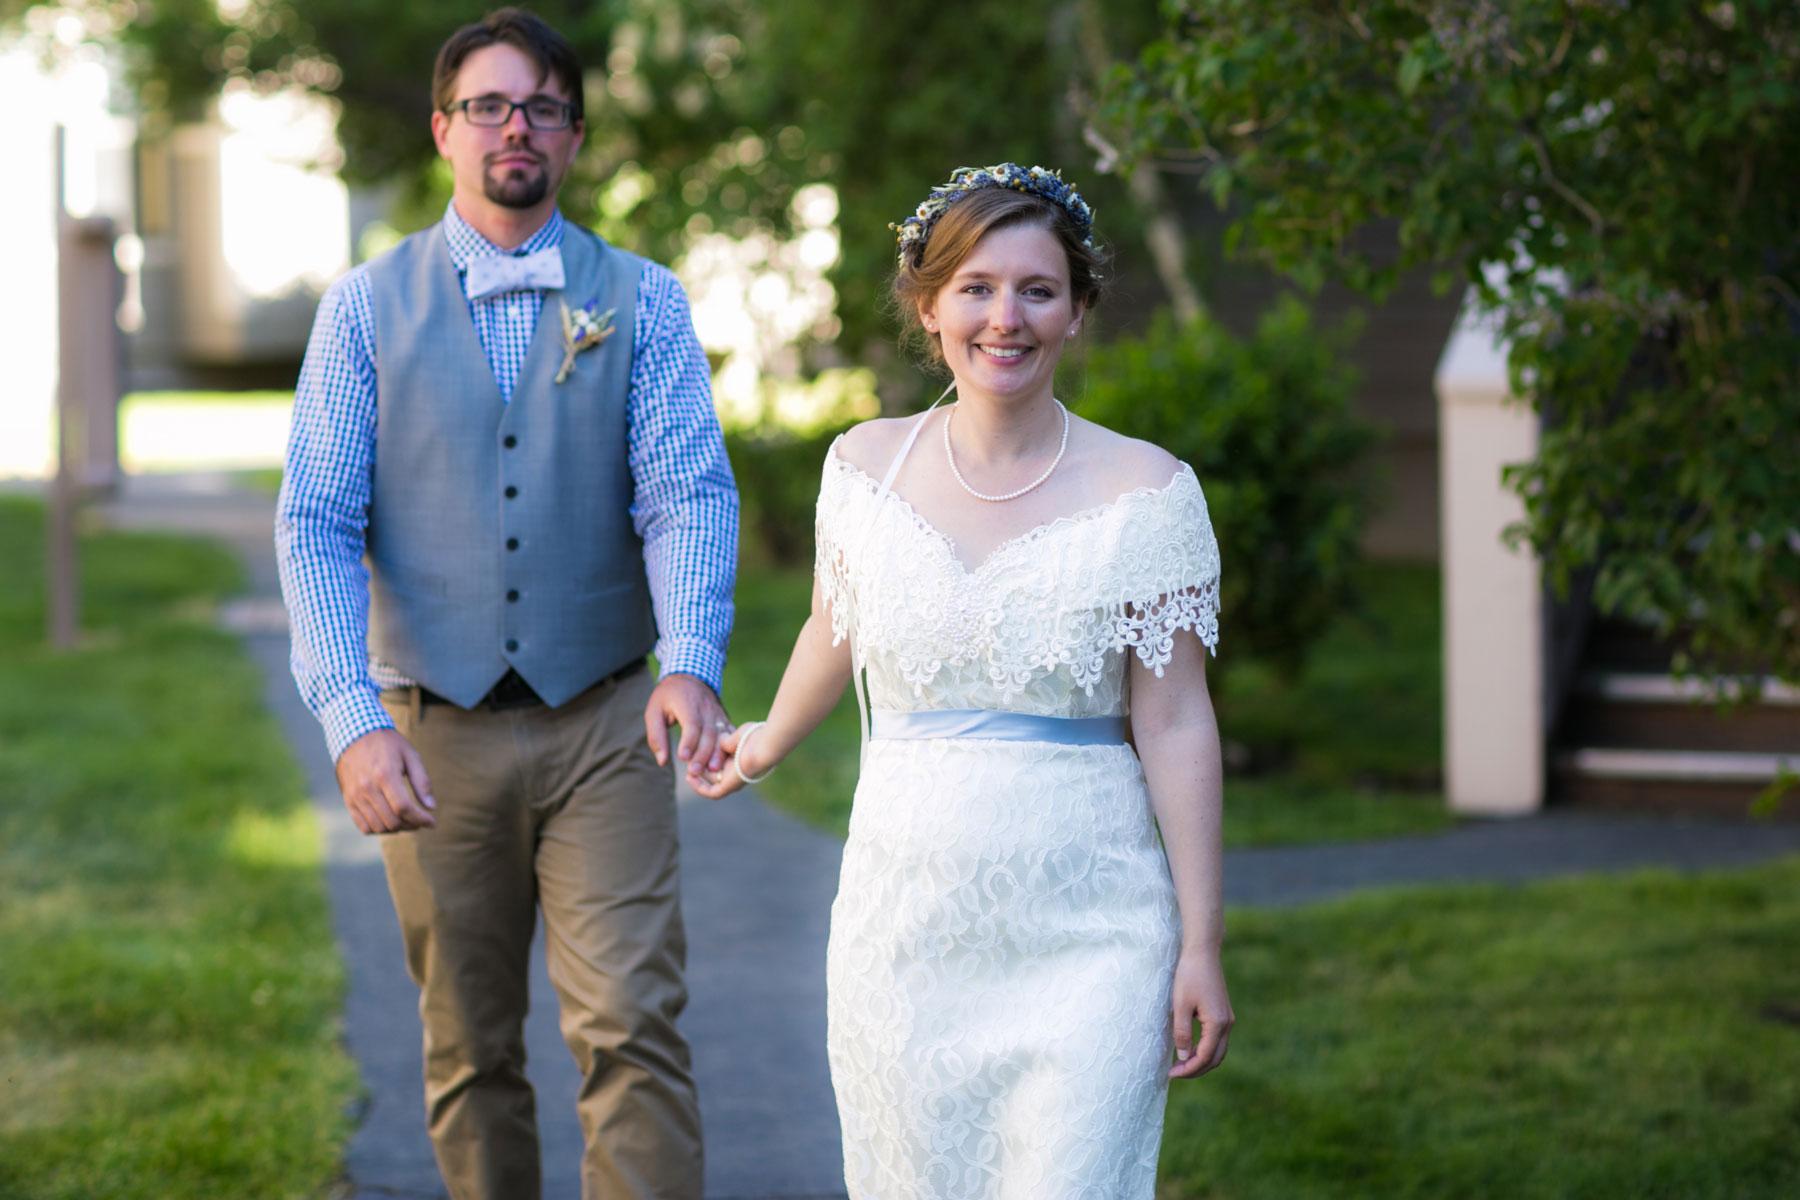 lake-tahoe-weddings-16-south-lake-tahoe-wedding